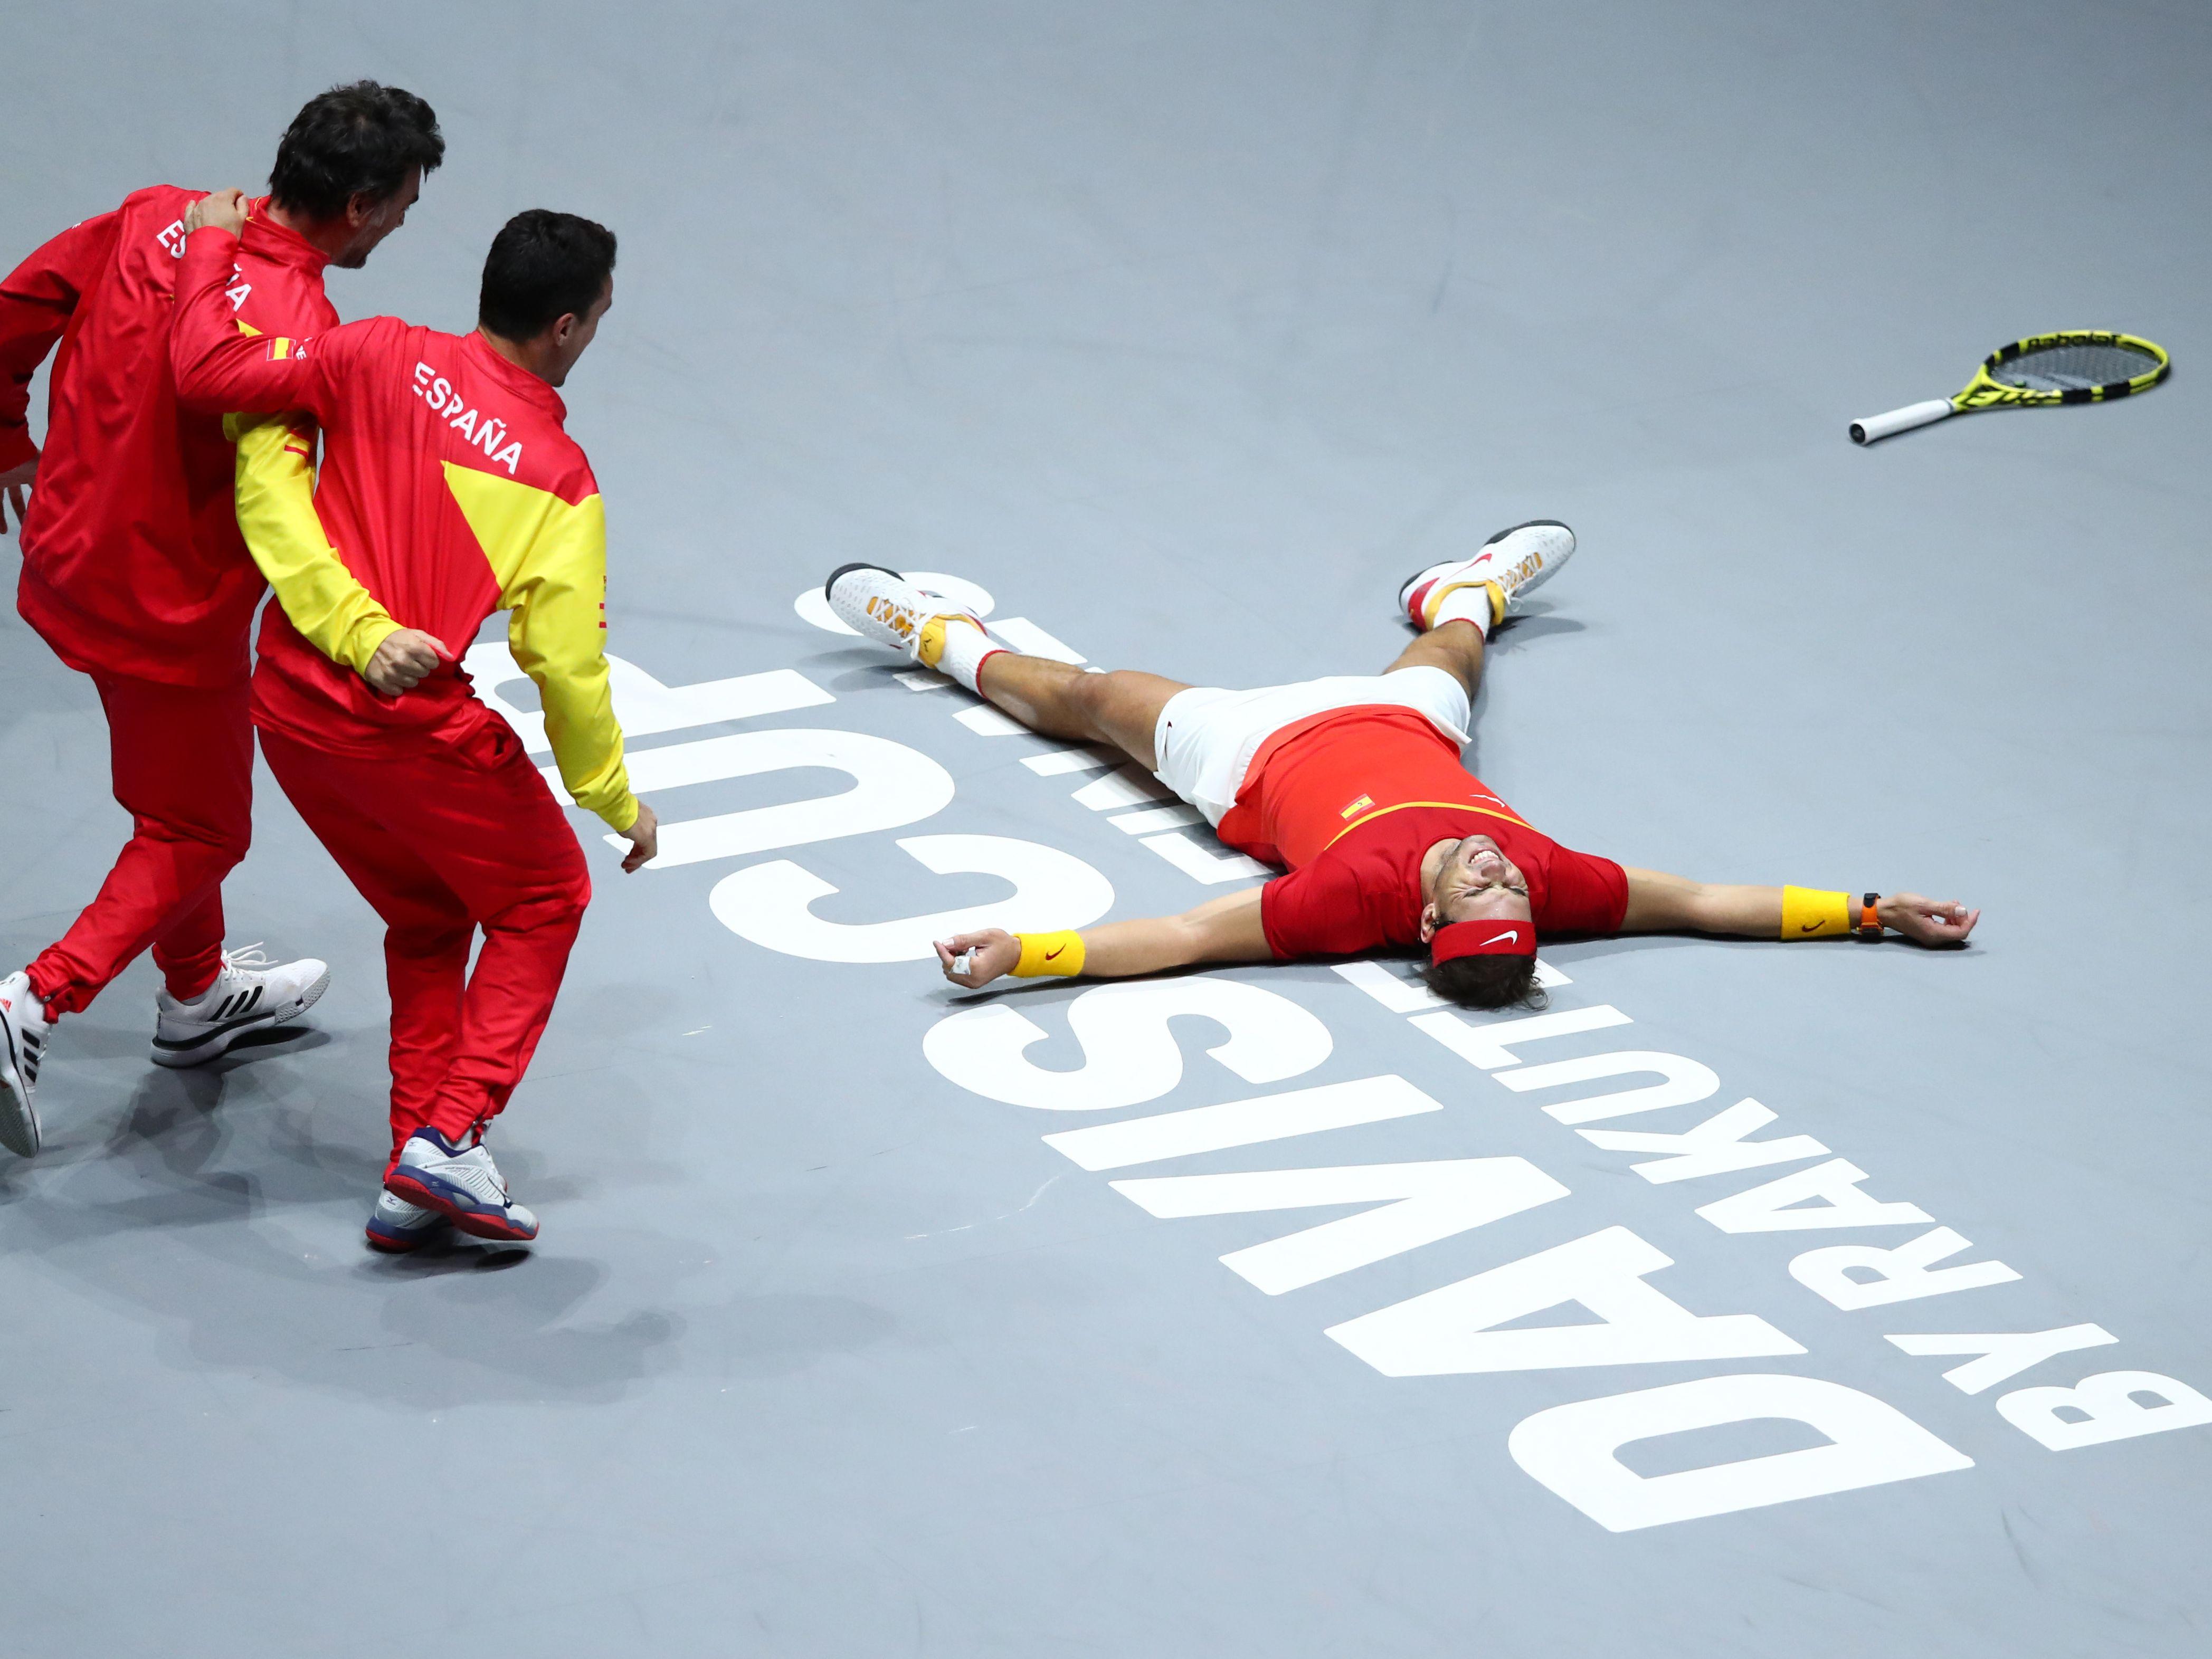 Den dritten Matchball verwandelt: Rafael Nadal jubelnd am Boden.